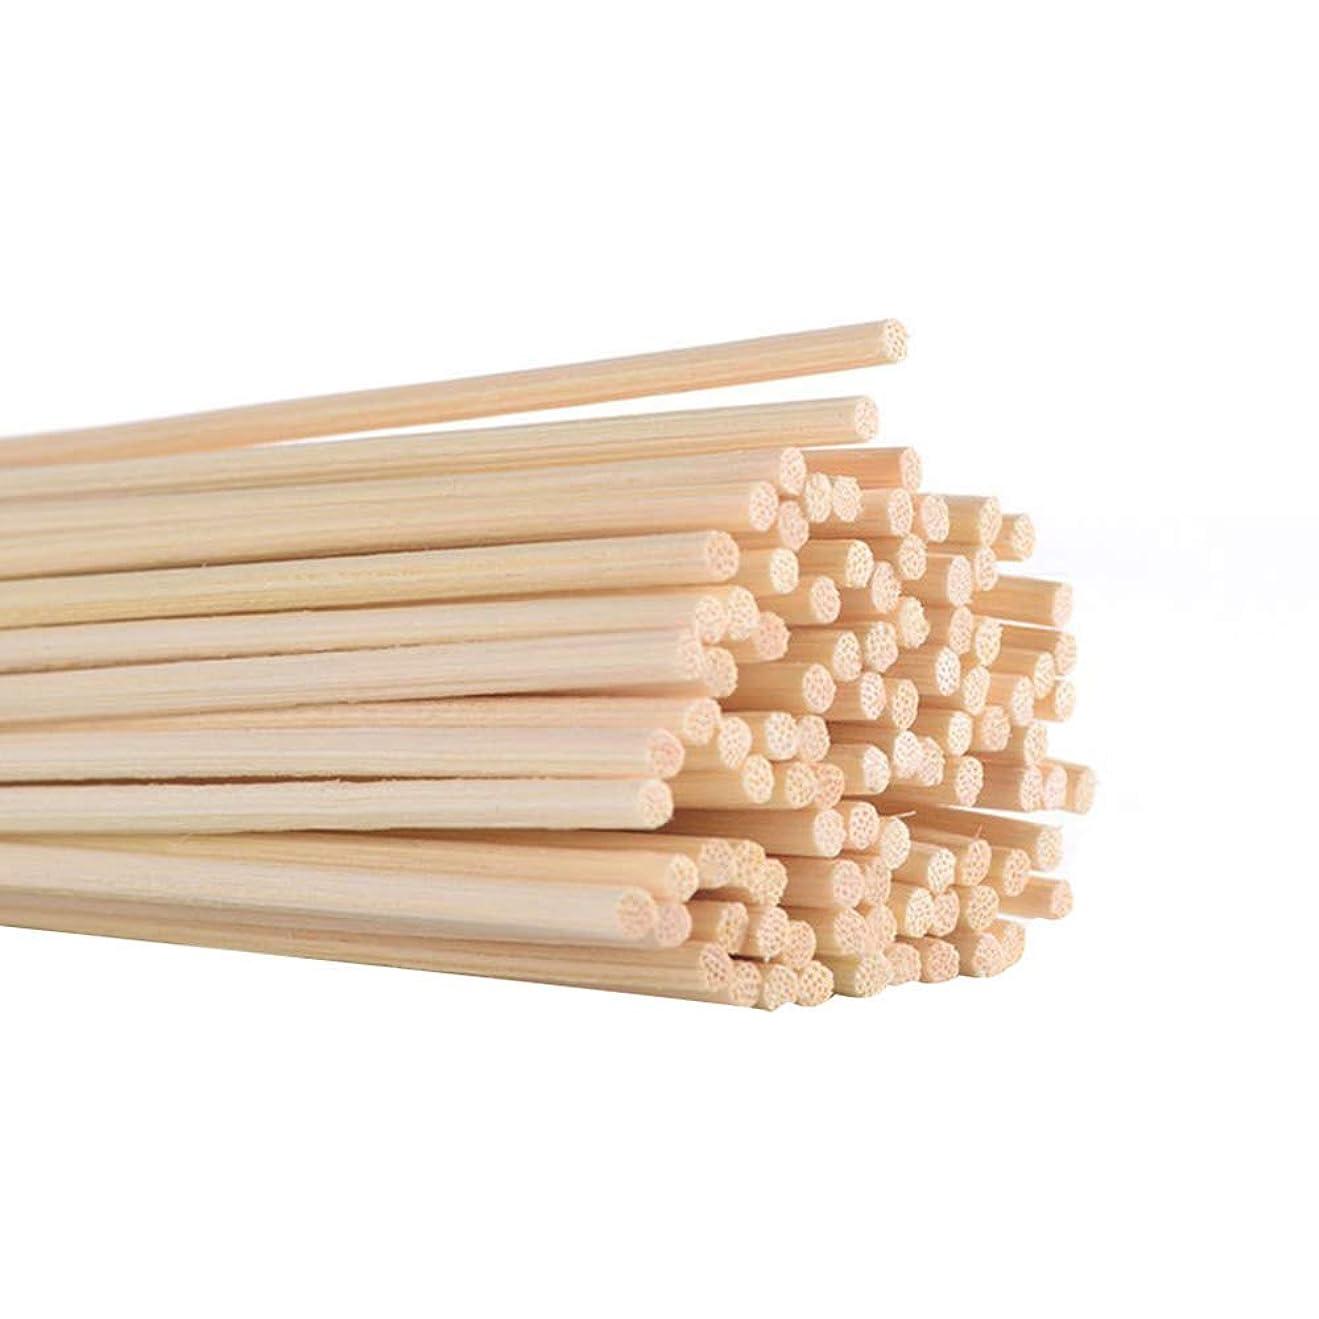 順応性のある必要ない藤色120PCS ディフューザースティック リードスティック 香りの拡散器 自然な藤のリード 籐リードスティック アロマオイルディフューザー 芳香の精油の拡散器 籐スティック 交換用スティック